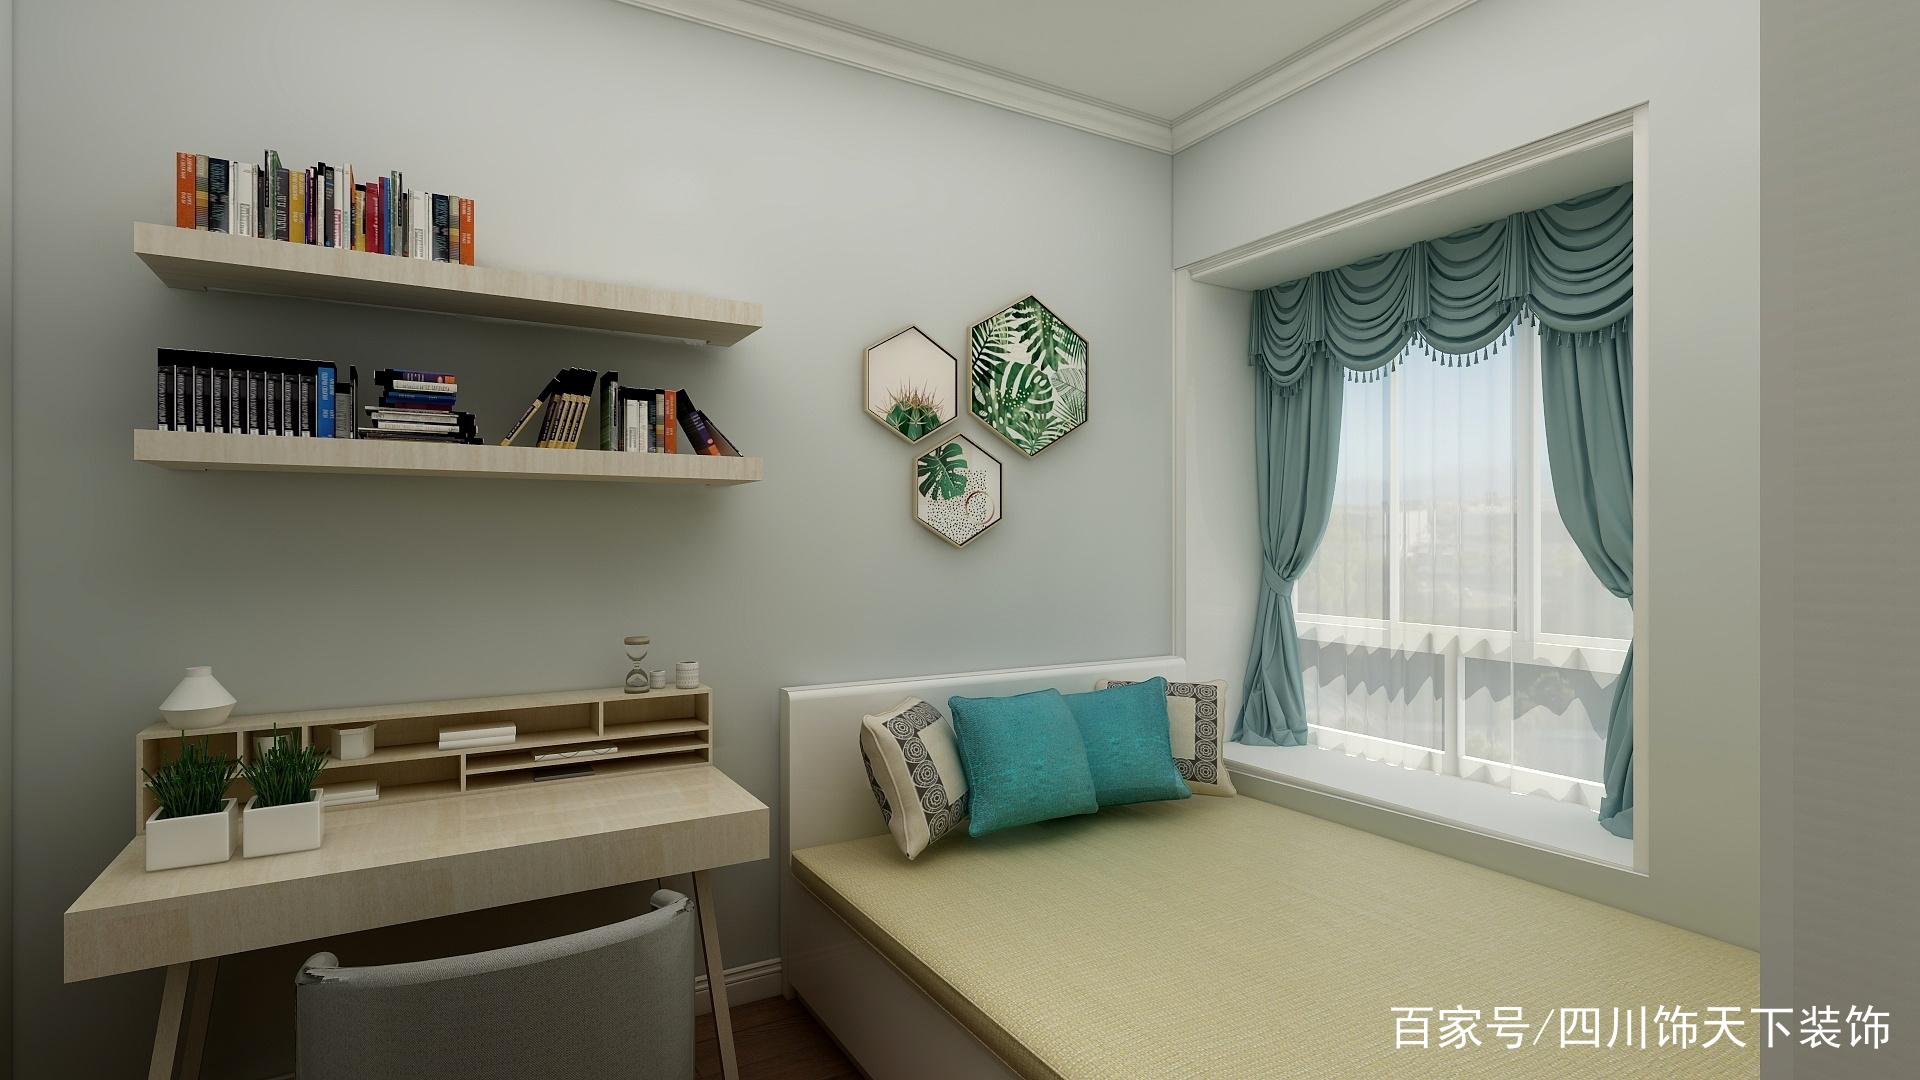 [装修日记]多功能卧室,这样排布,干净整洁